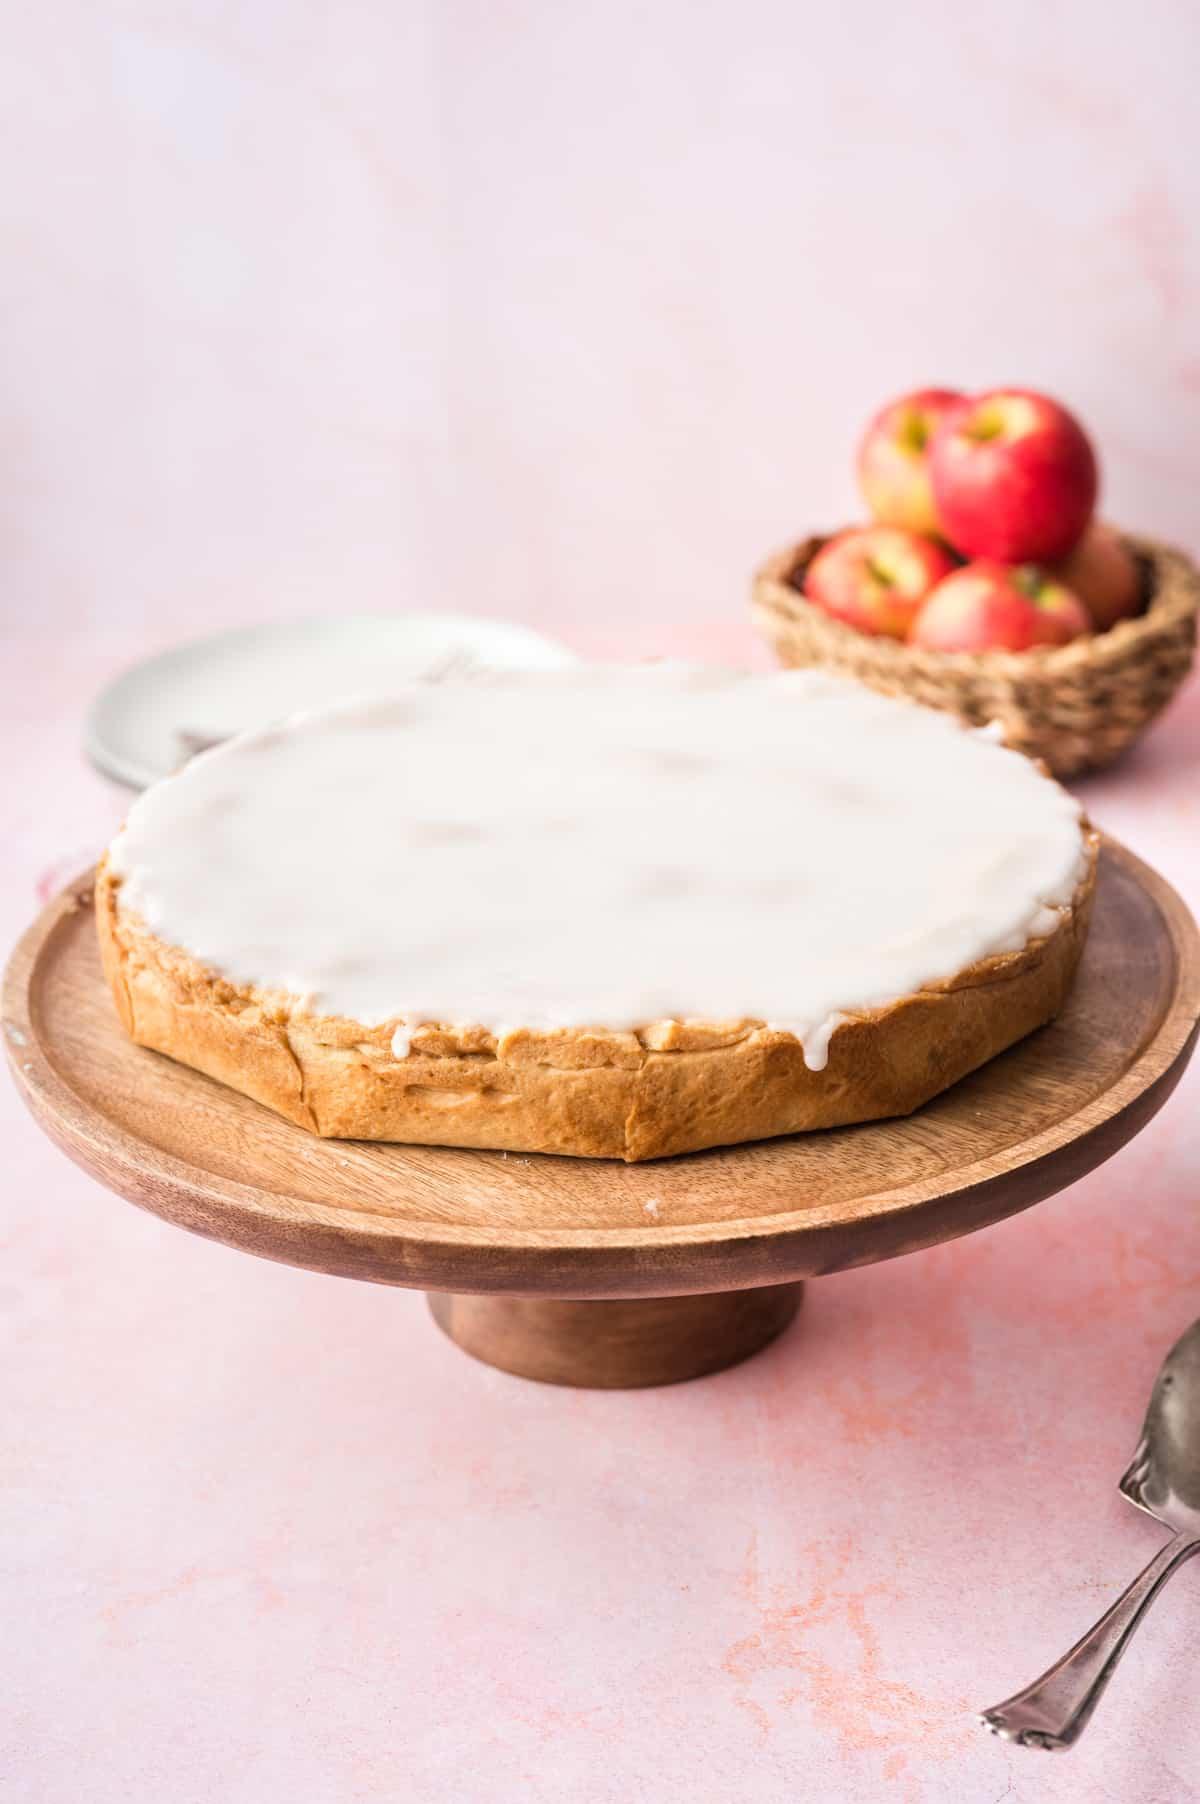 Apfelkuchen mit Zuckerguss auf Holztortenplatte